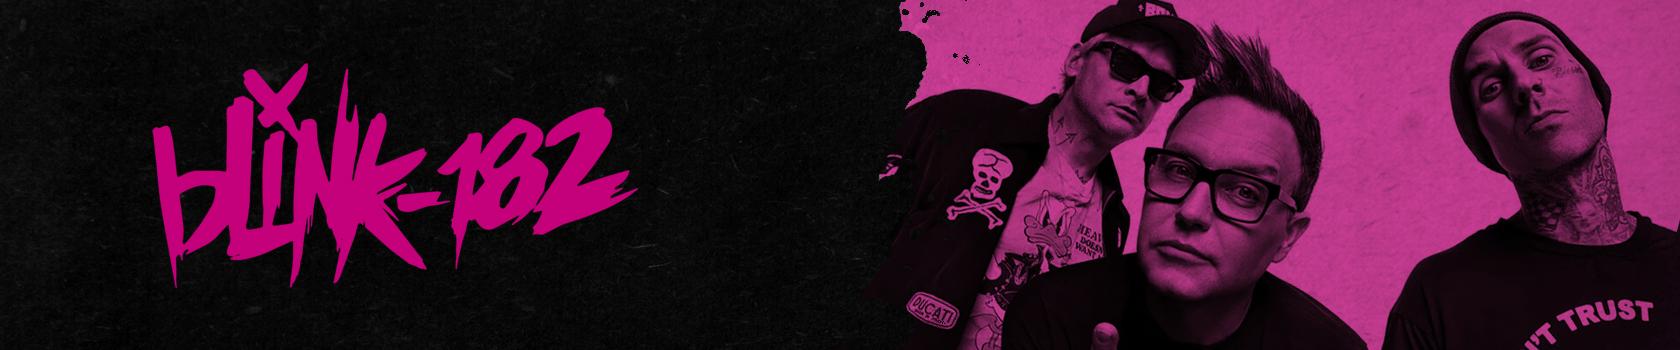 Cat - Blink-182